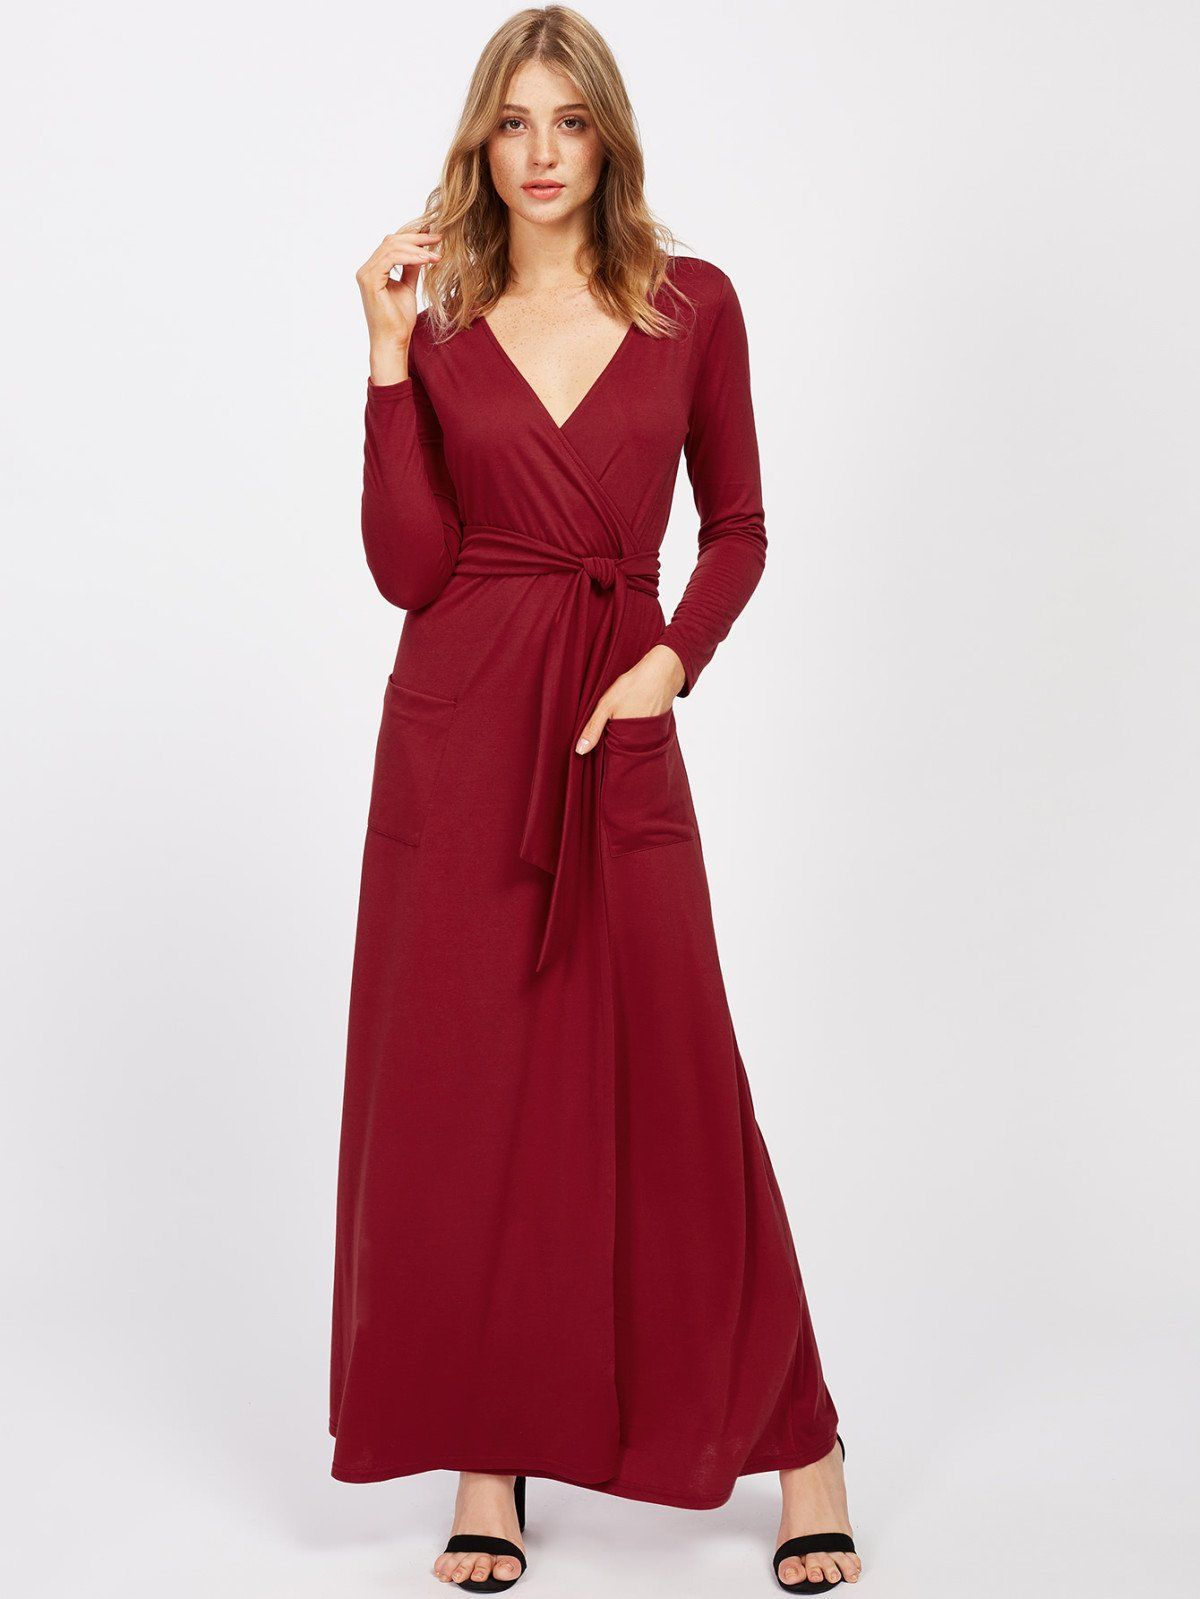 18f990939fc89 Shop Surplice V Neckline Maxi Dress With Self Tie online. SheIn offers  Surplice V Neckline Maxi Dress With Self Tie   more to fit your fashionable  needs.